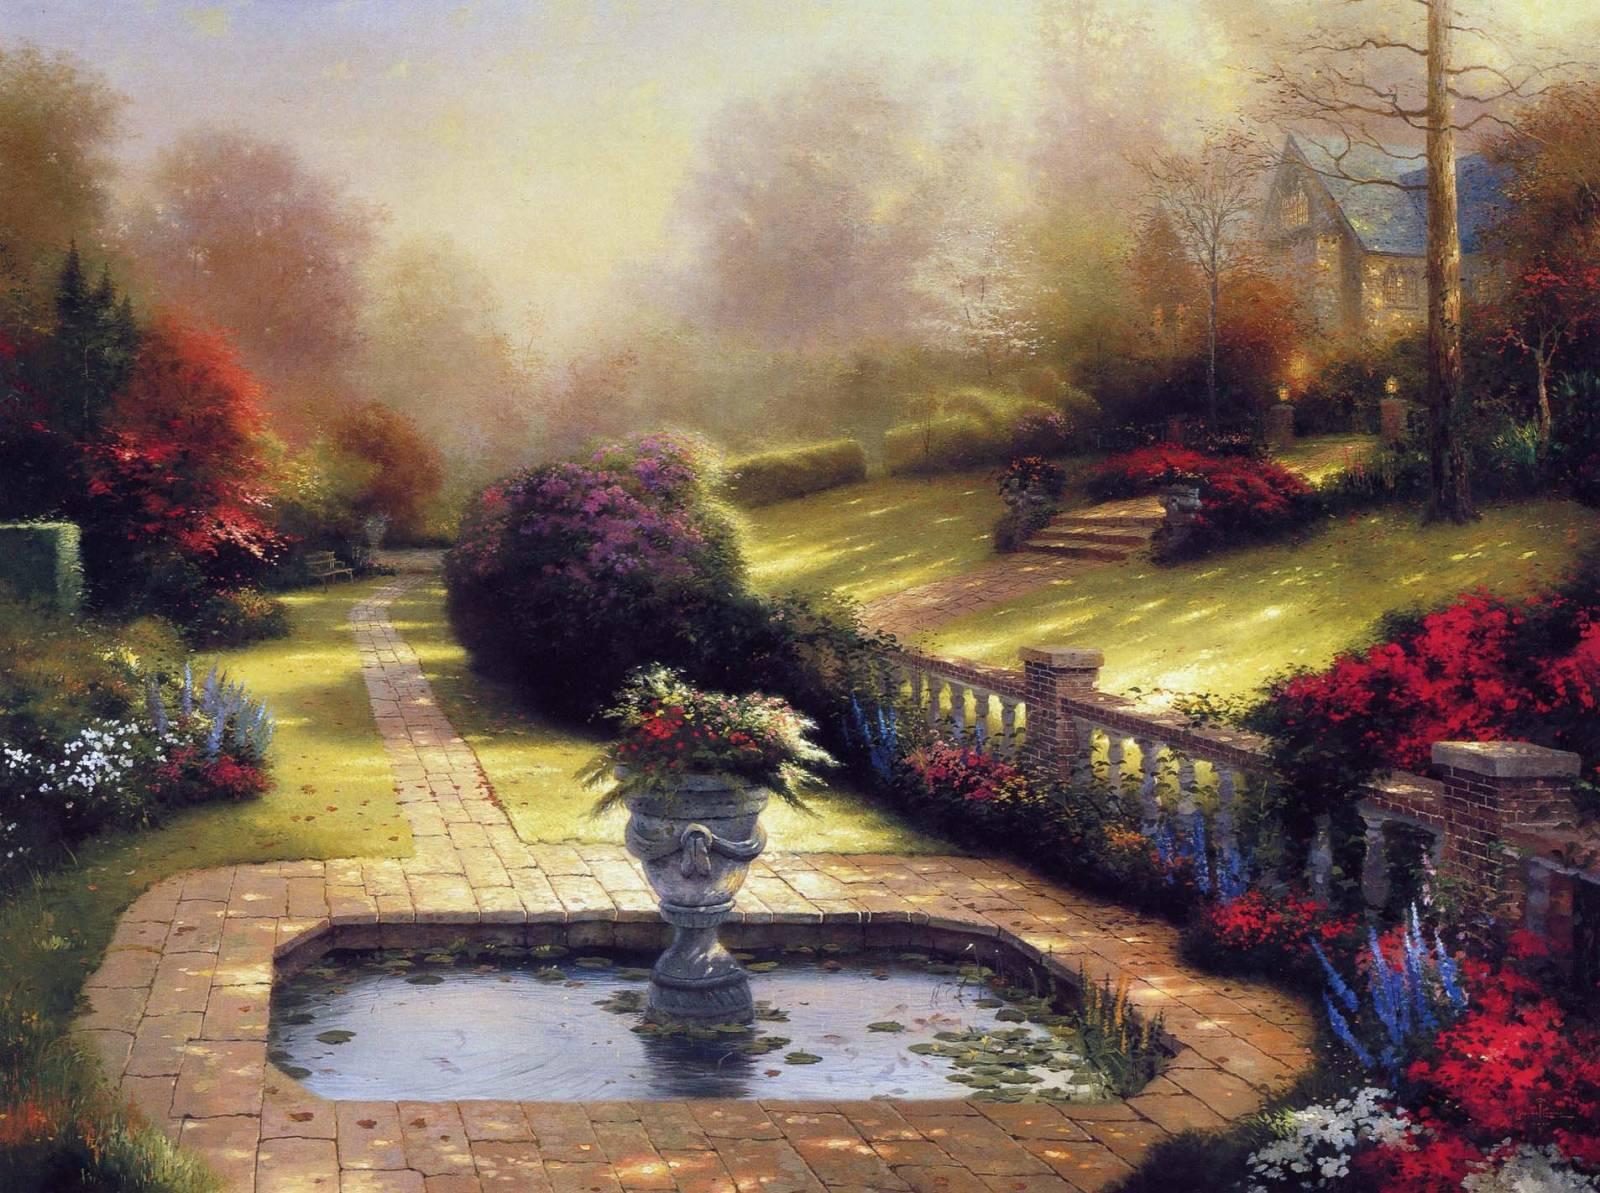 Thomas Kinkade tavaszi festményei